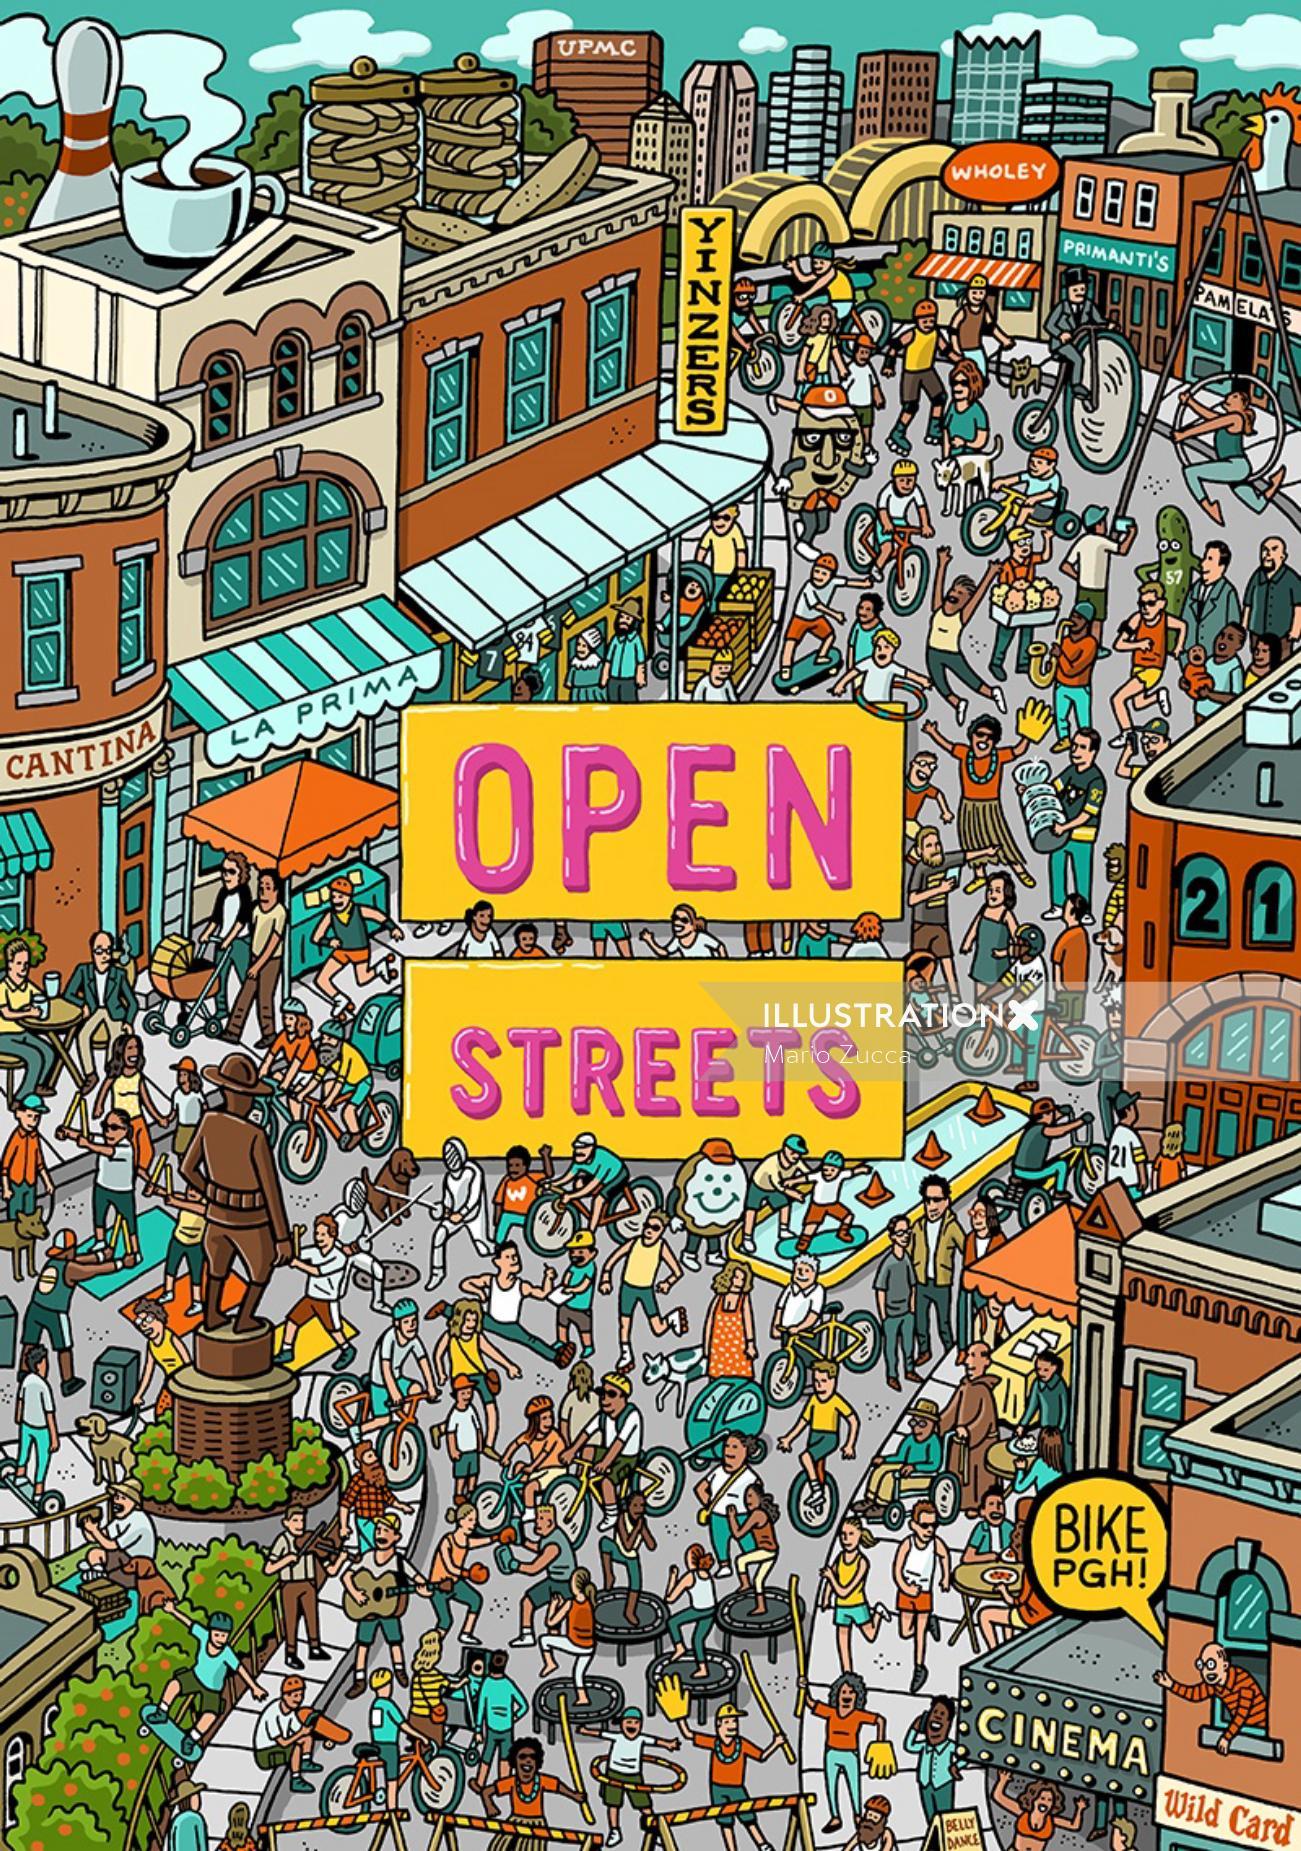 Typography art of Open street